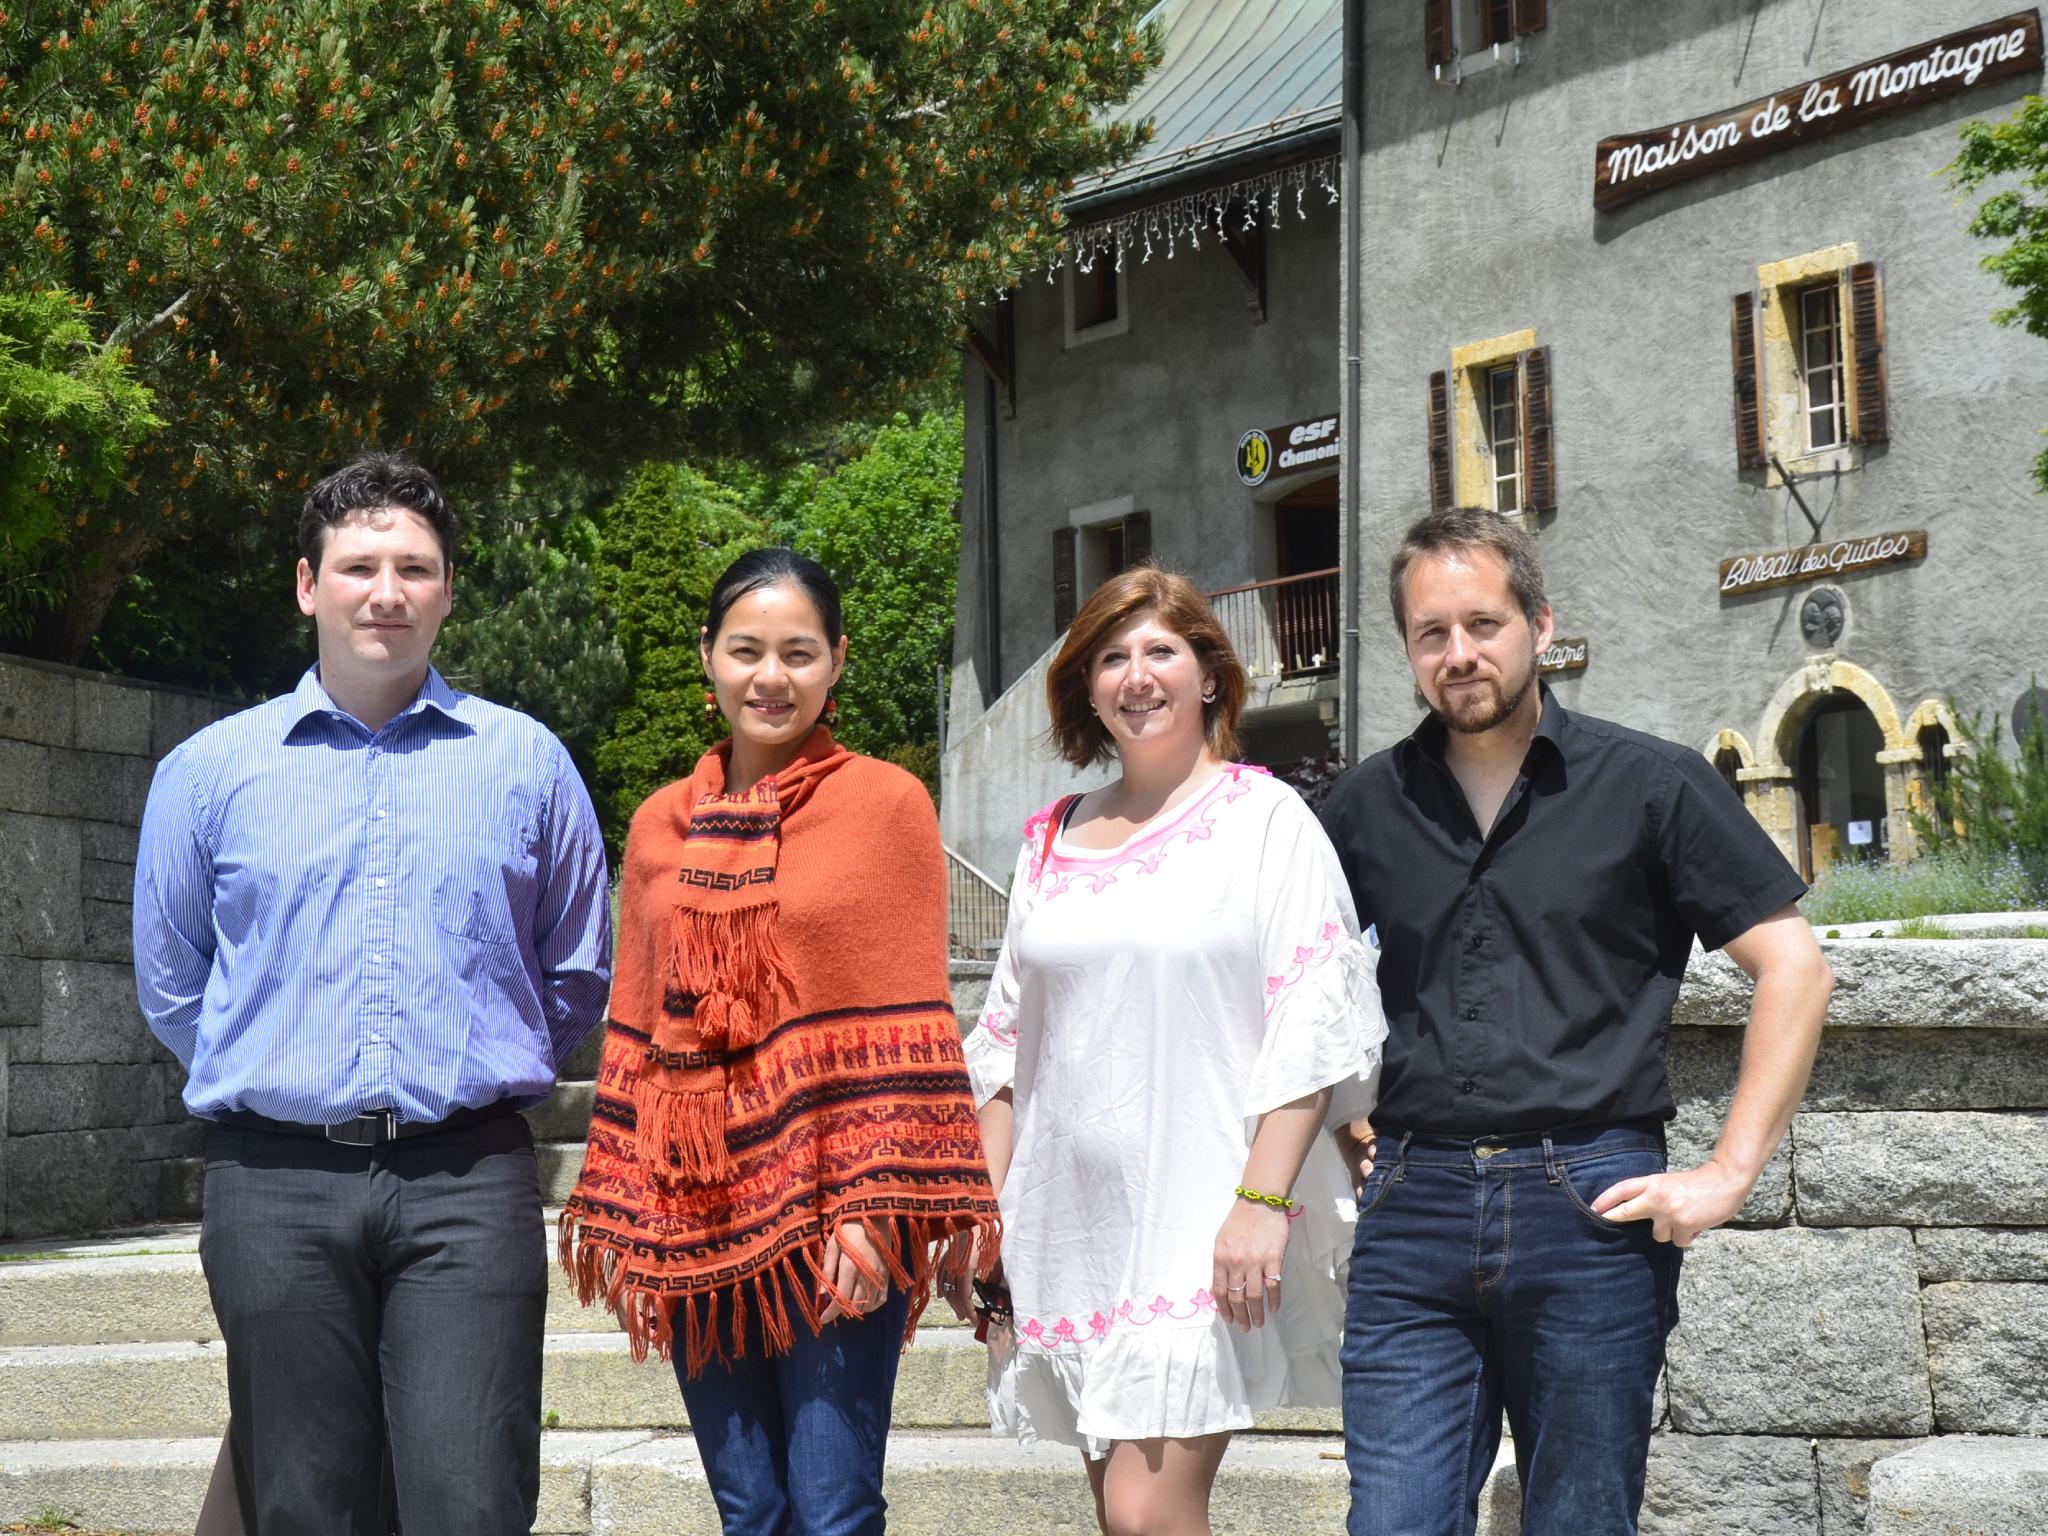 L'équipe à Chamonix. Presque une photo de famille avec de gauche à droite : Pierre Lavorata (responsable production groupe et GIR, co-gérant), Cate Lavorata (technicienne groupe), Charlotte Lavorata (responsable production indiv) et Alexandre Salon (technicien GIR) - DR : BM